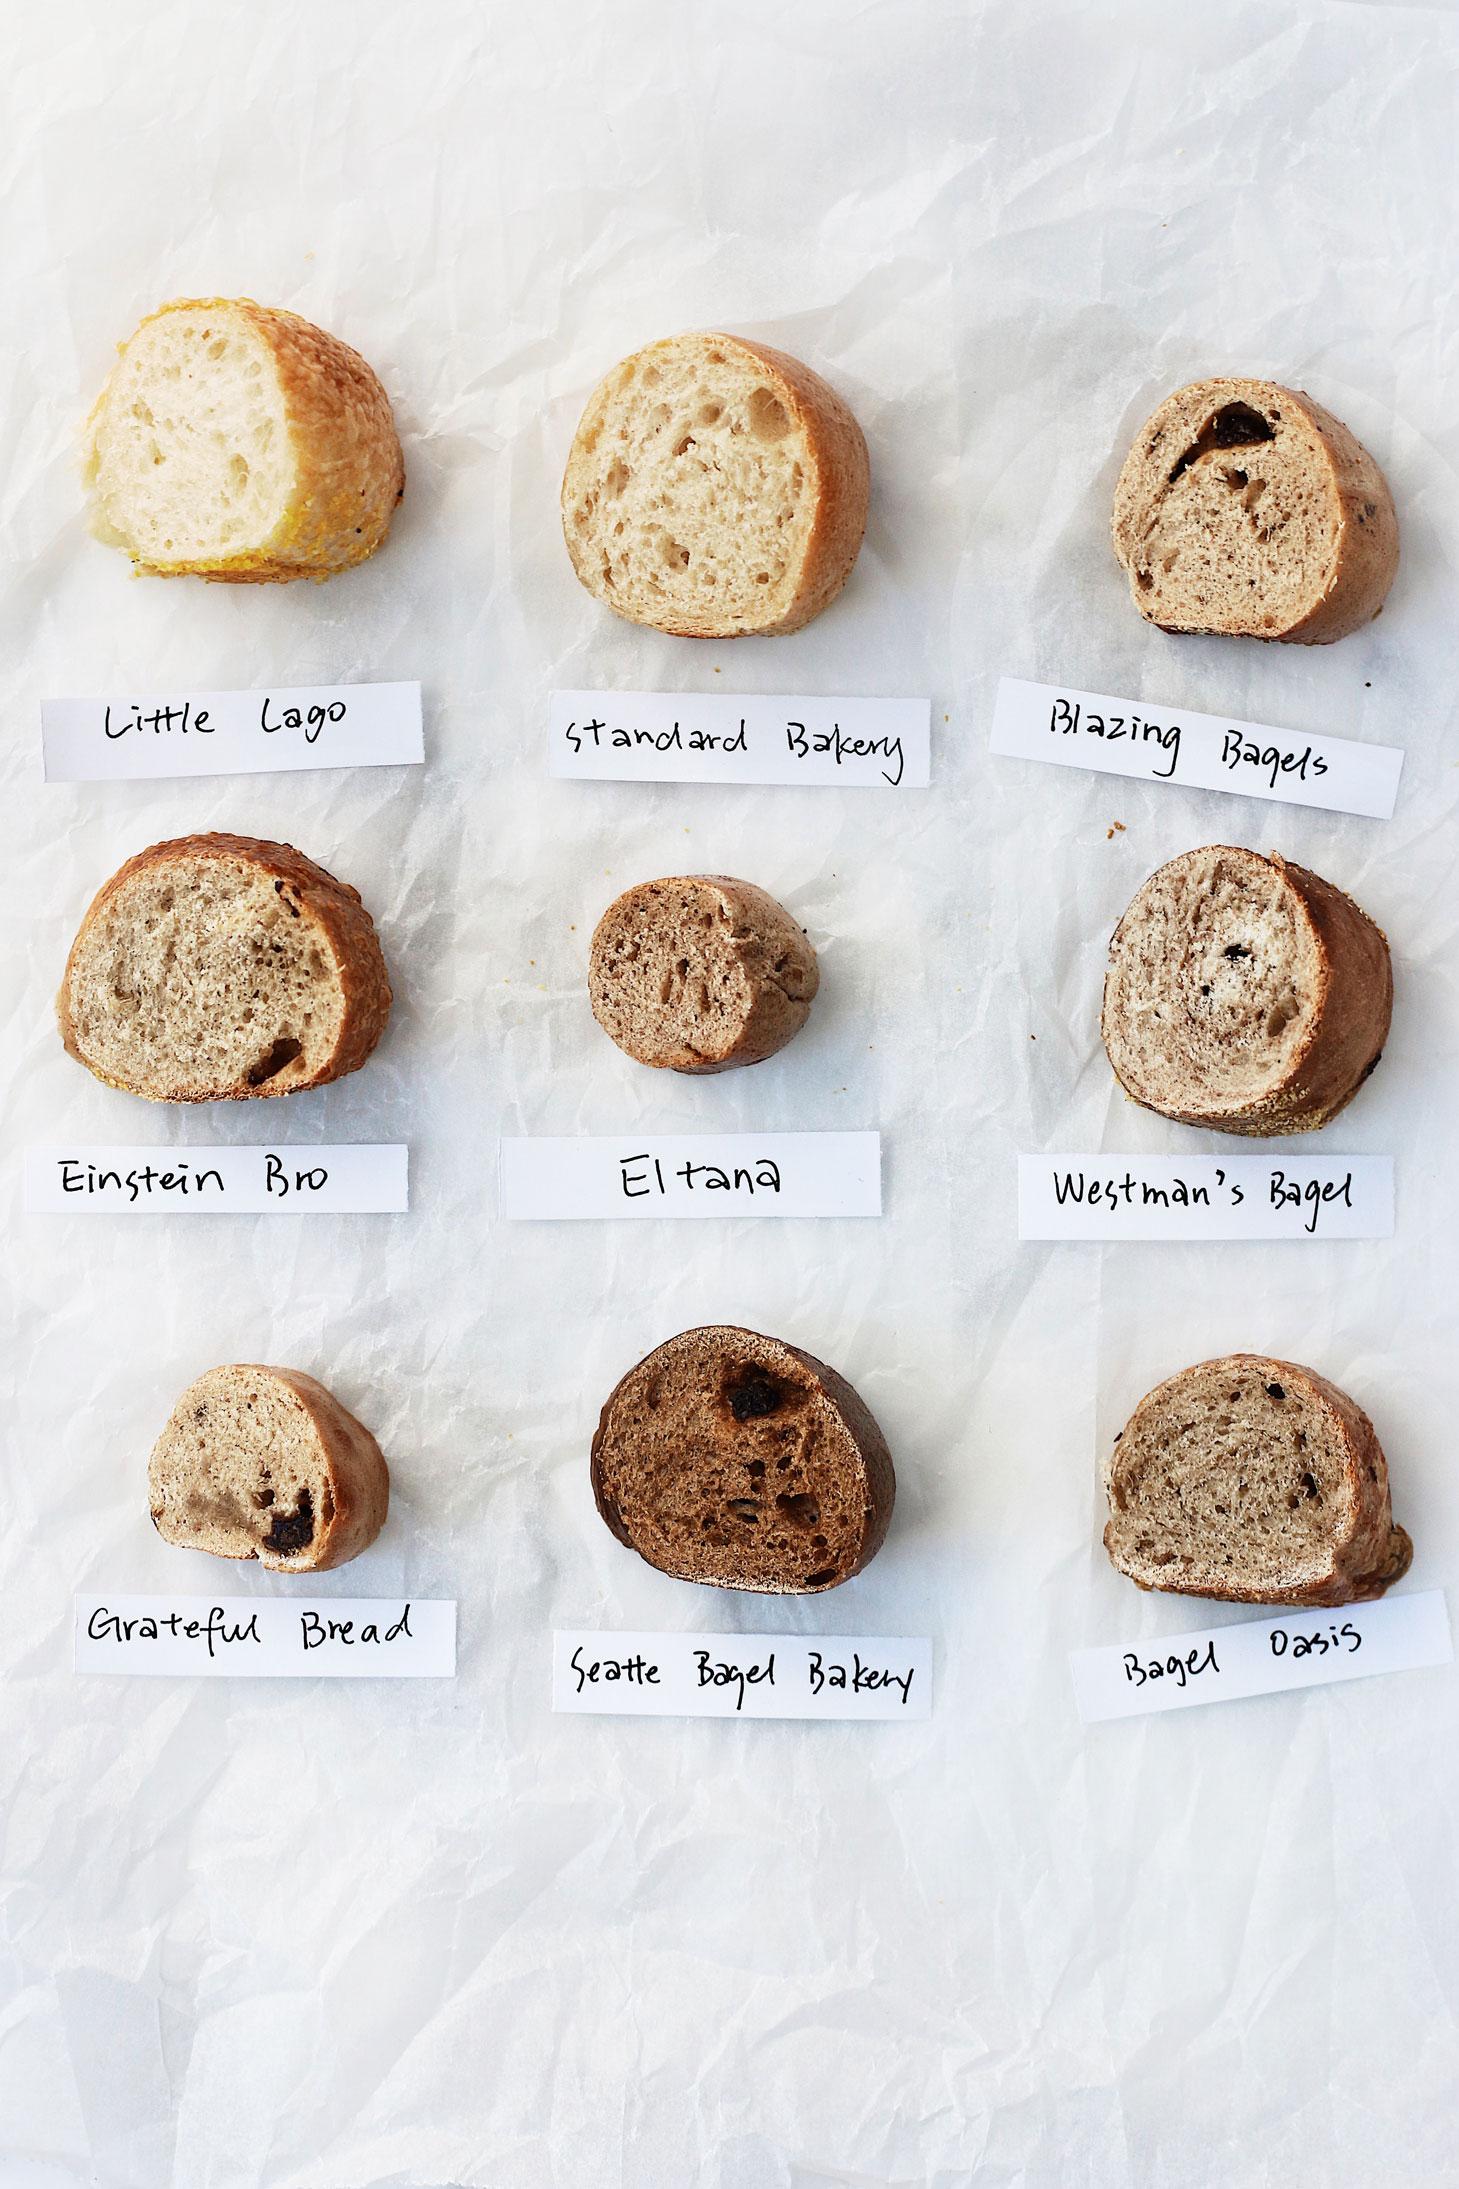 best-bagel-in-seattle-great-bagel-off-cinnamon-raisin-cut-all